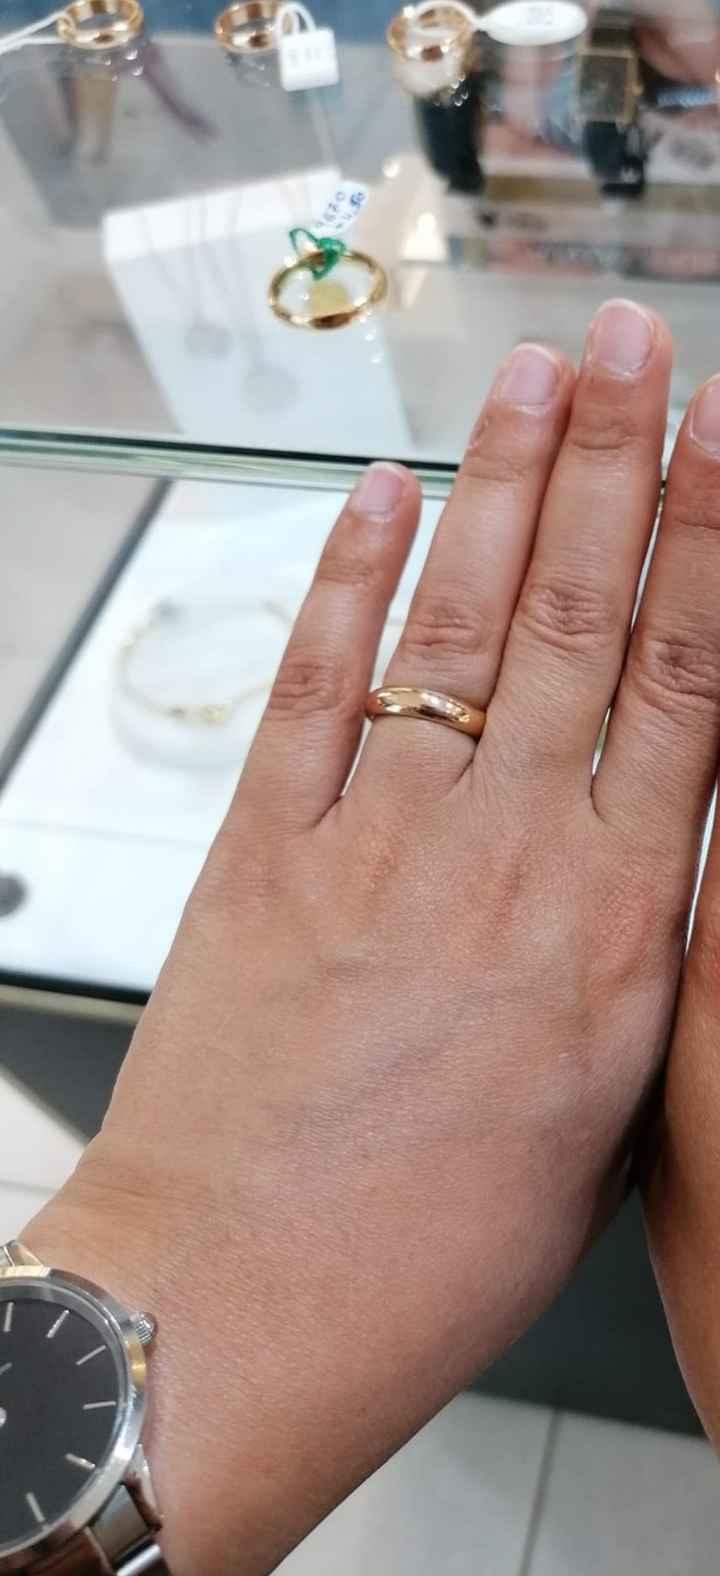 Scelta delle fedi... Mi fate vedere le vostre fedi al dito? - 1